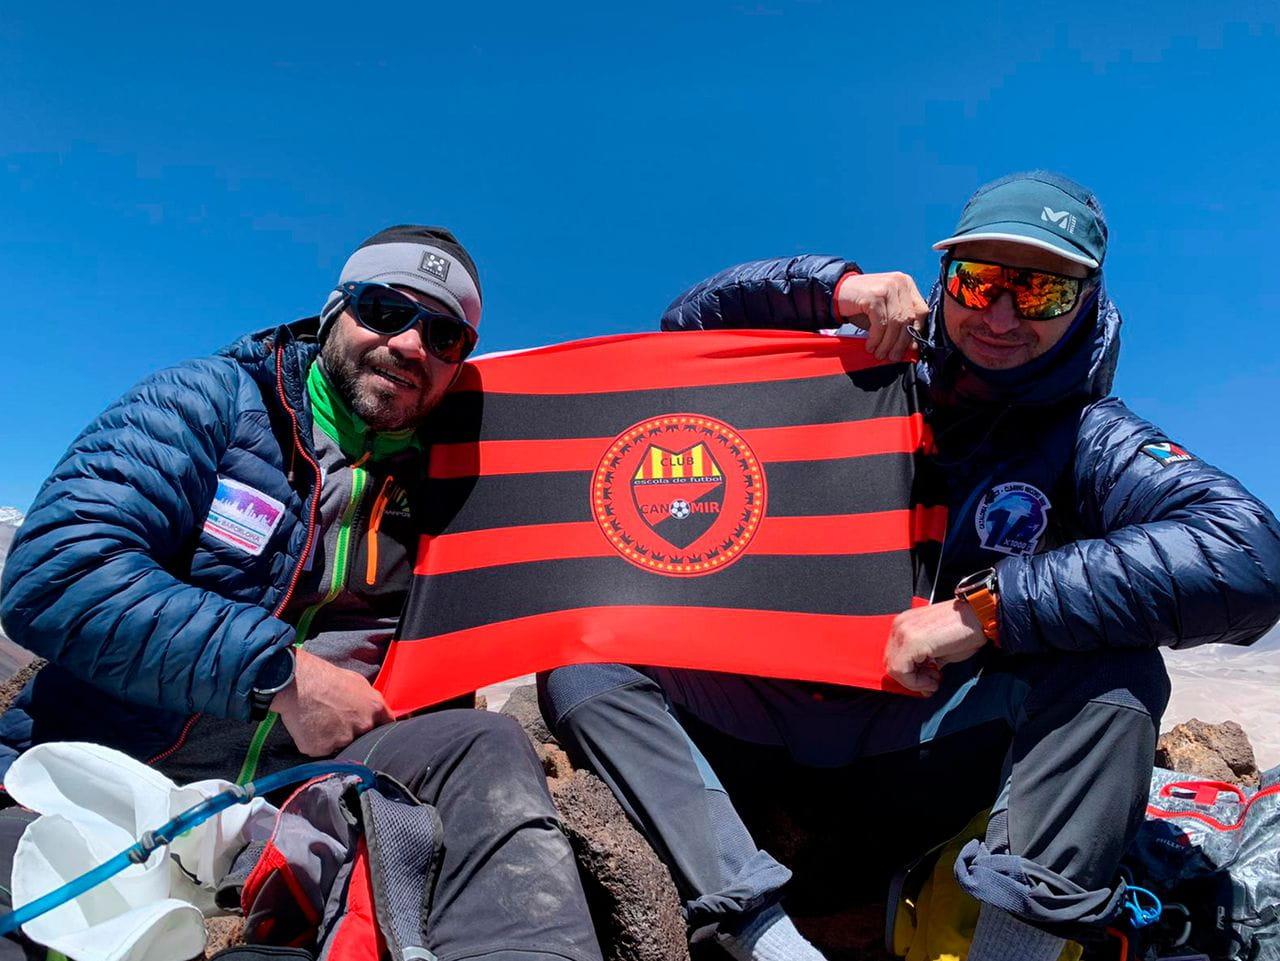 Éxito de No Limits coronando varios volcanes del desierto de Atacama (Chile)